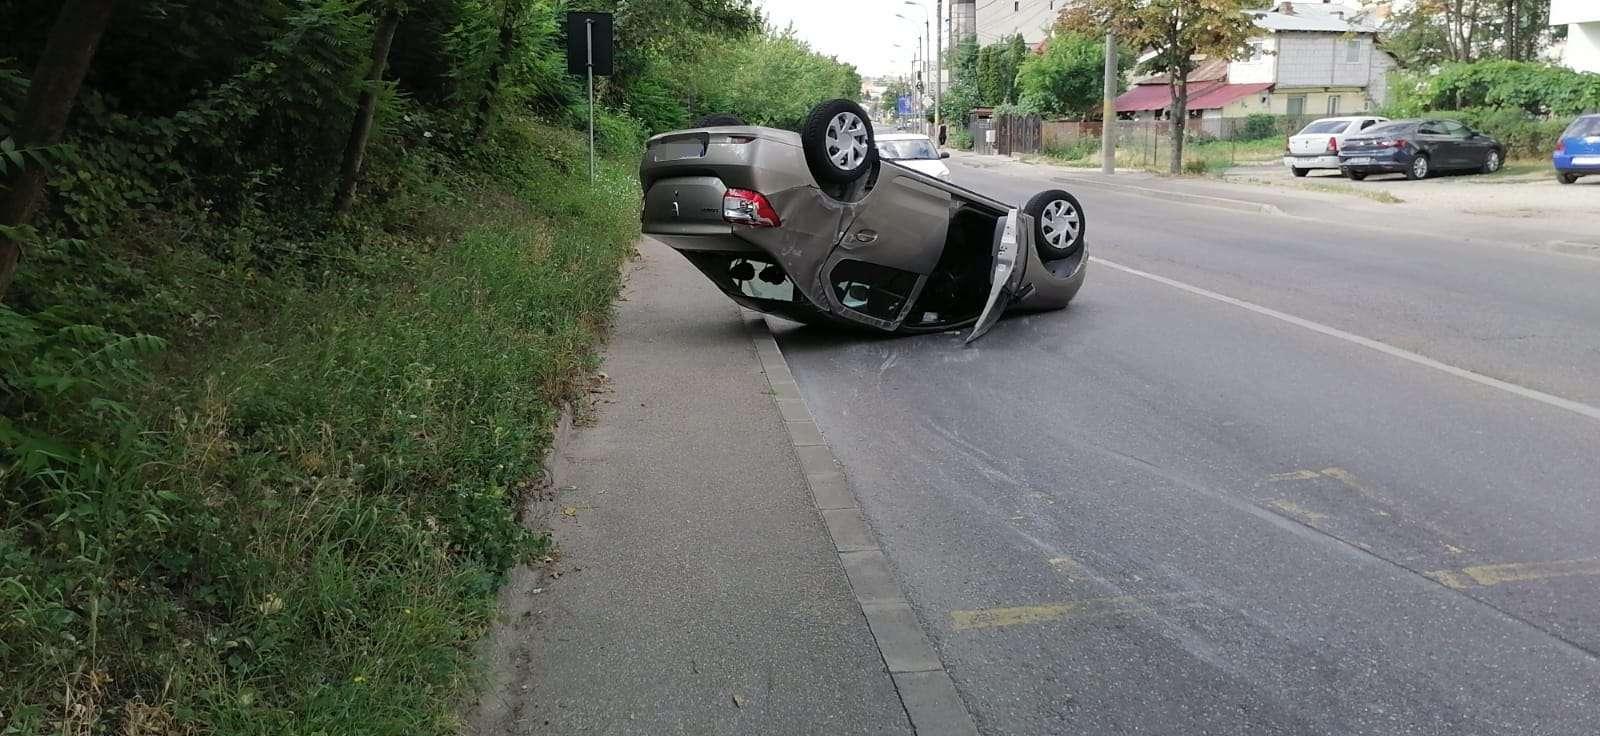 Accident spectaculos în Pitești! O persoană a avut nevoie de îngrijiri medicale!